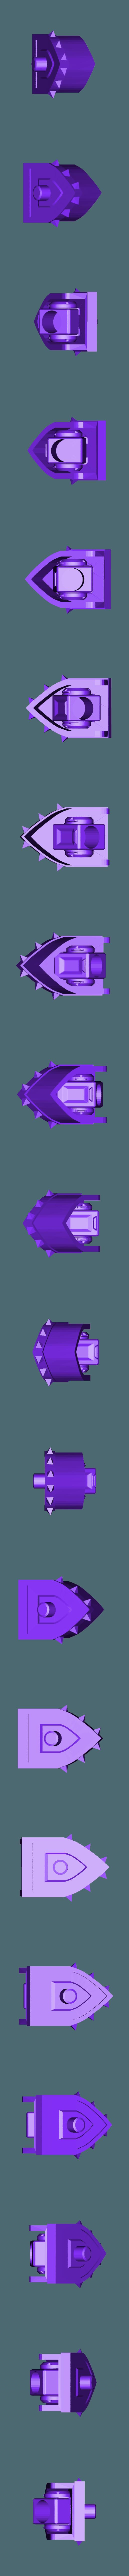 Penny 2.0 Shoulder2.stl Download STL file Penny Nun Bot 2.0 • 3D print model, Leesedrenfort